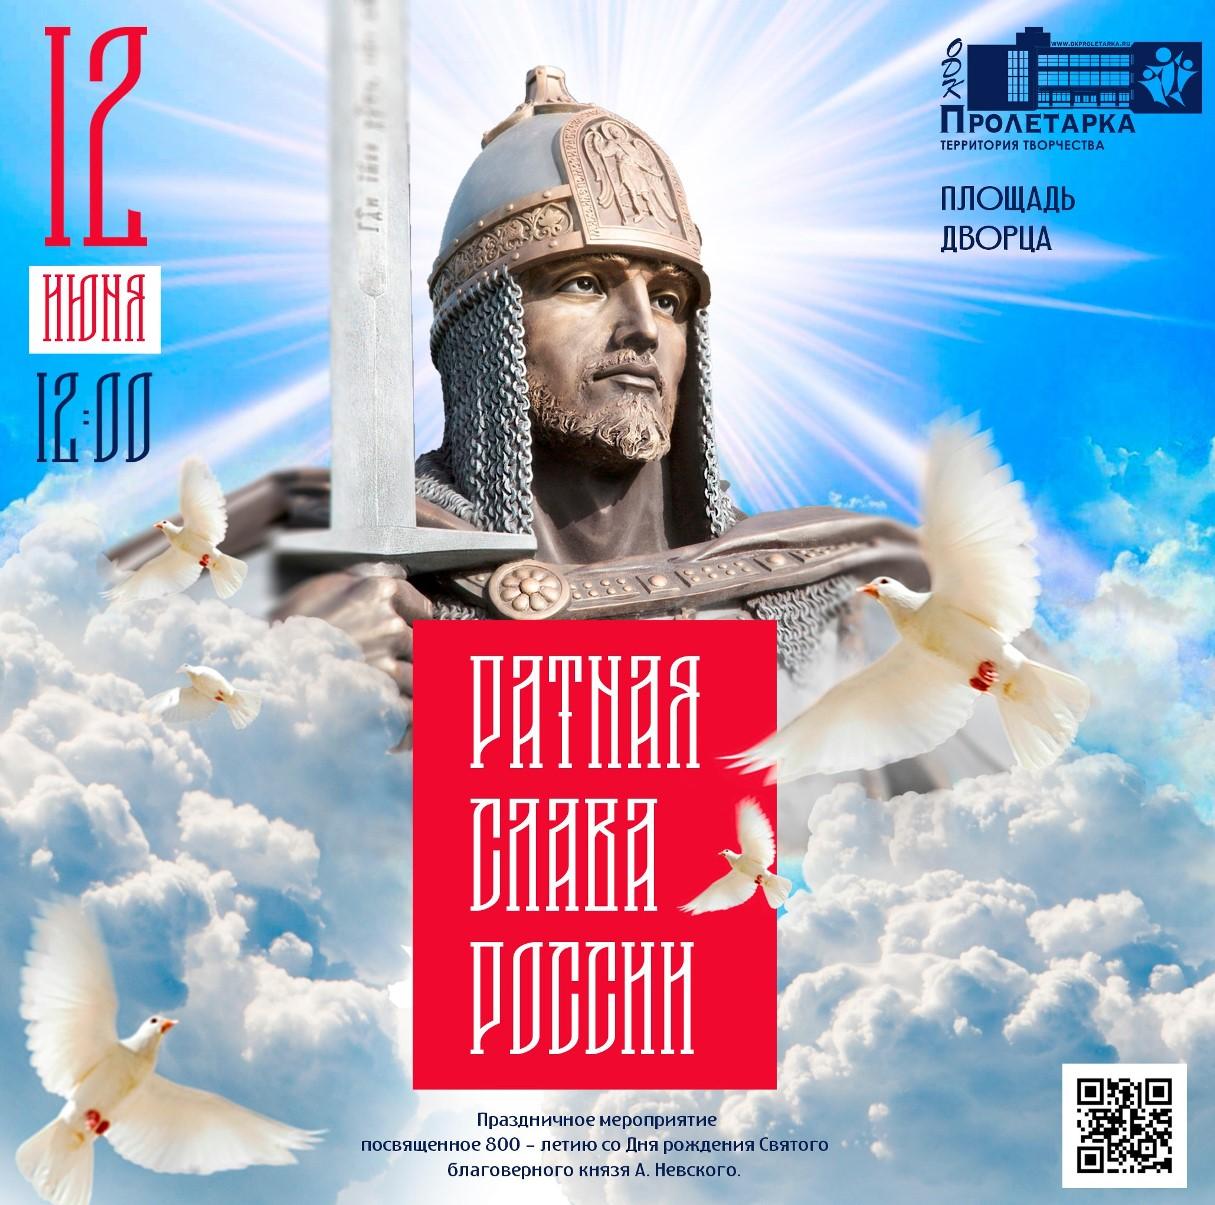 12 июня ДК Пролетарка приглашает жителей Твери отпраздновать День России